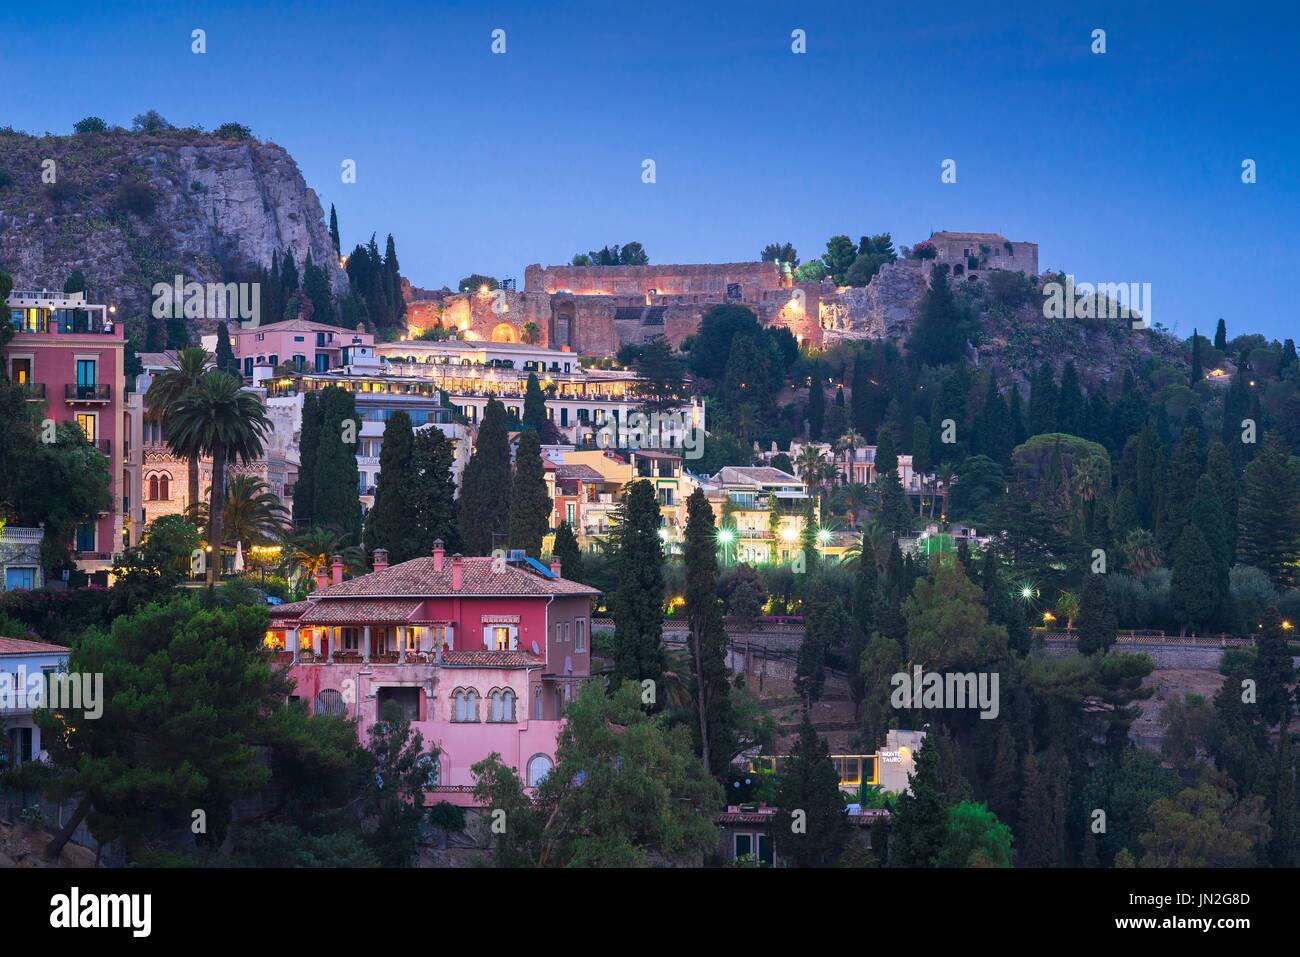 La ville de Taormina en Sicile, le flanc de la ville de Taormina la nuit avec le théâtre grec antique allumé sur l'horizon, en Sicile. Photo Stock